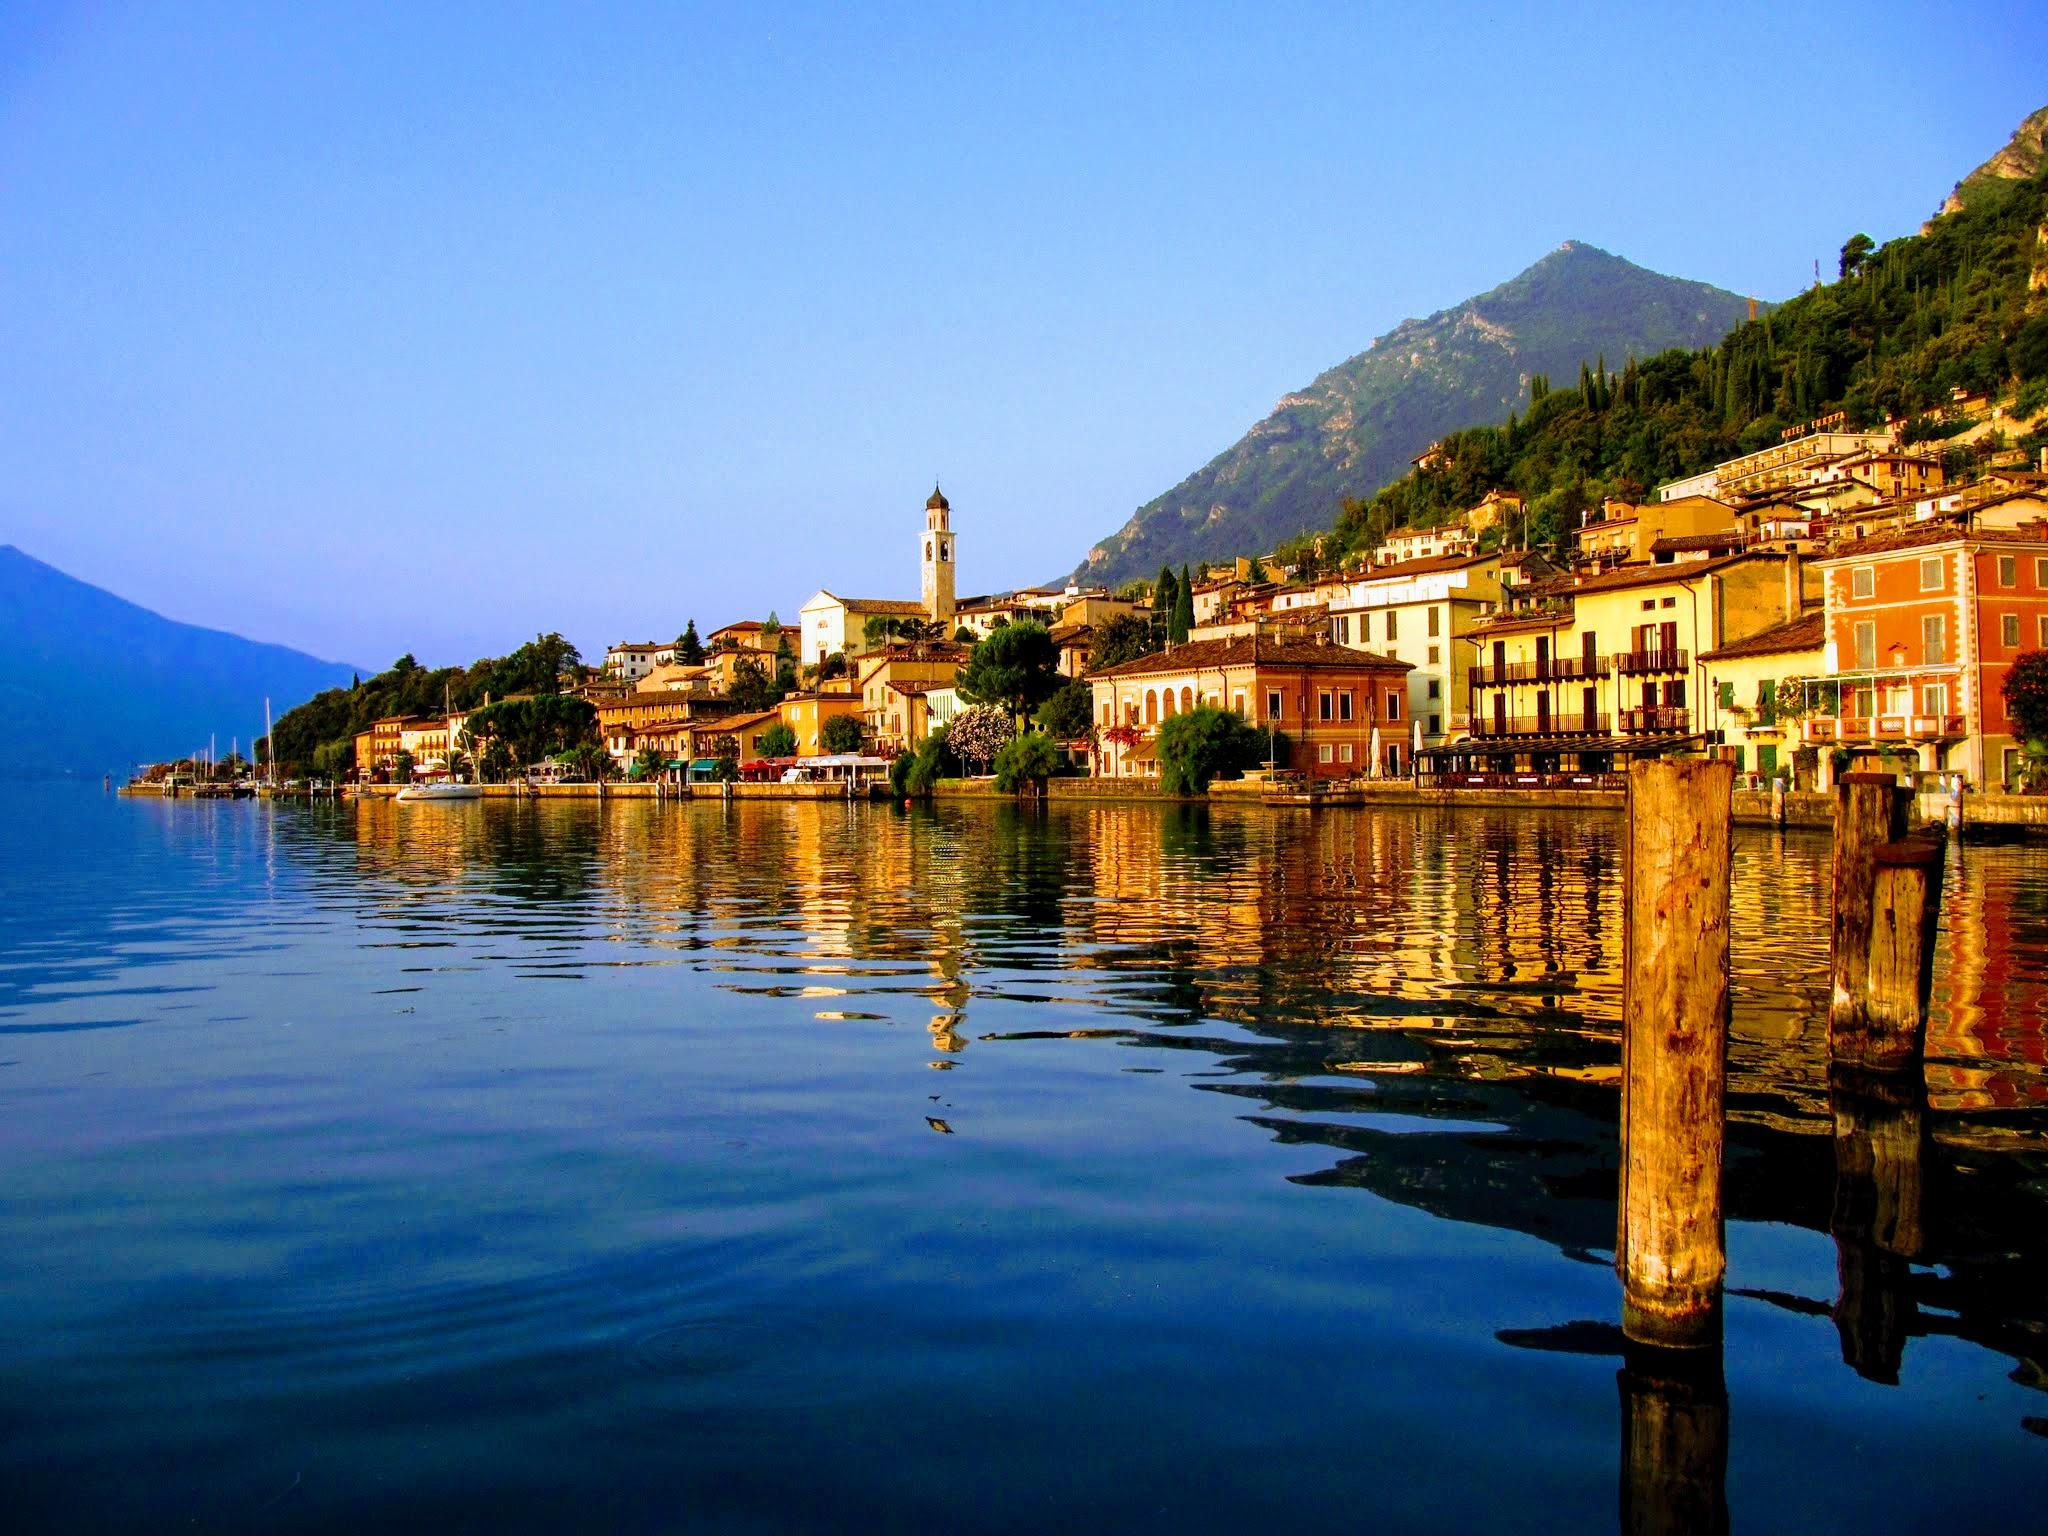 Limone sul Garda aan het Gardameer